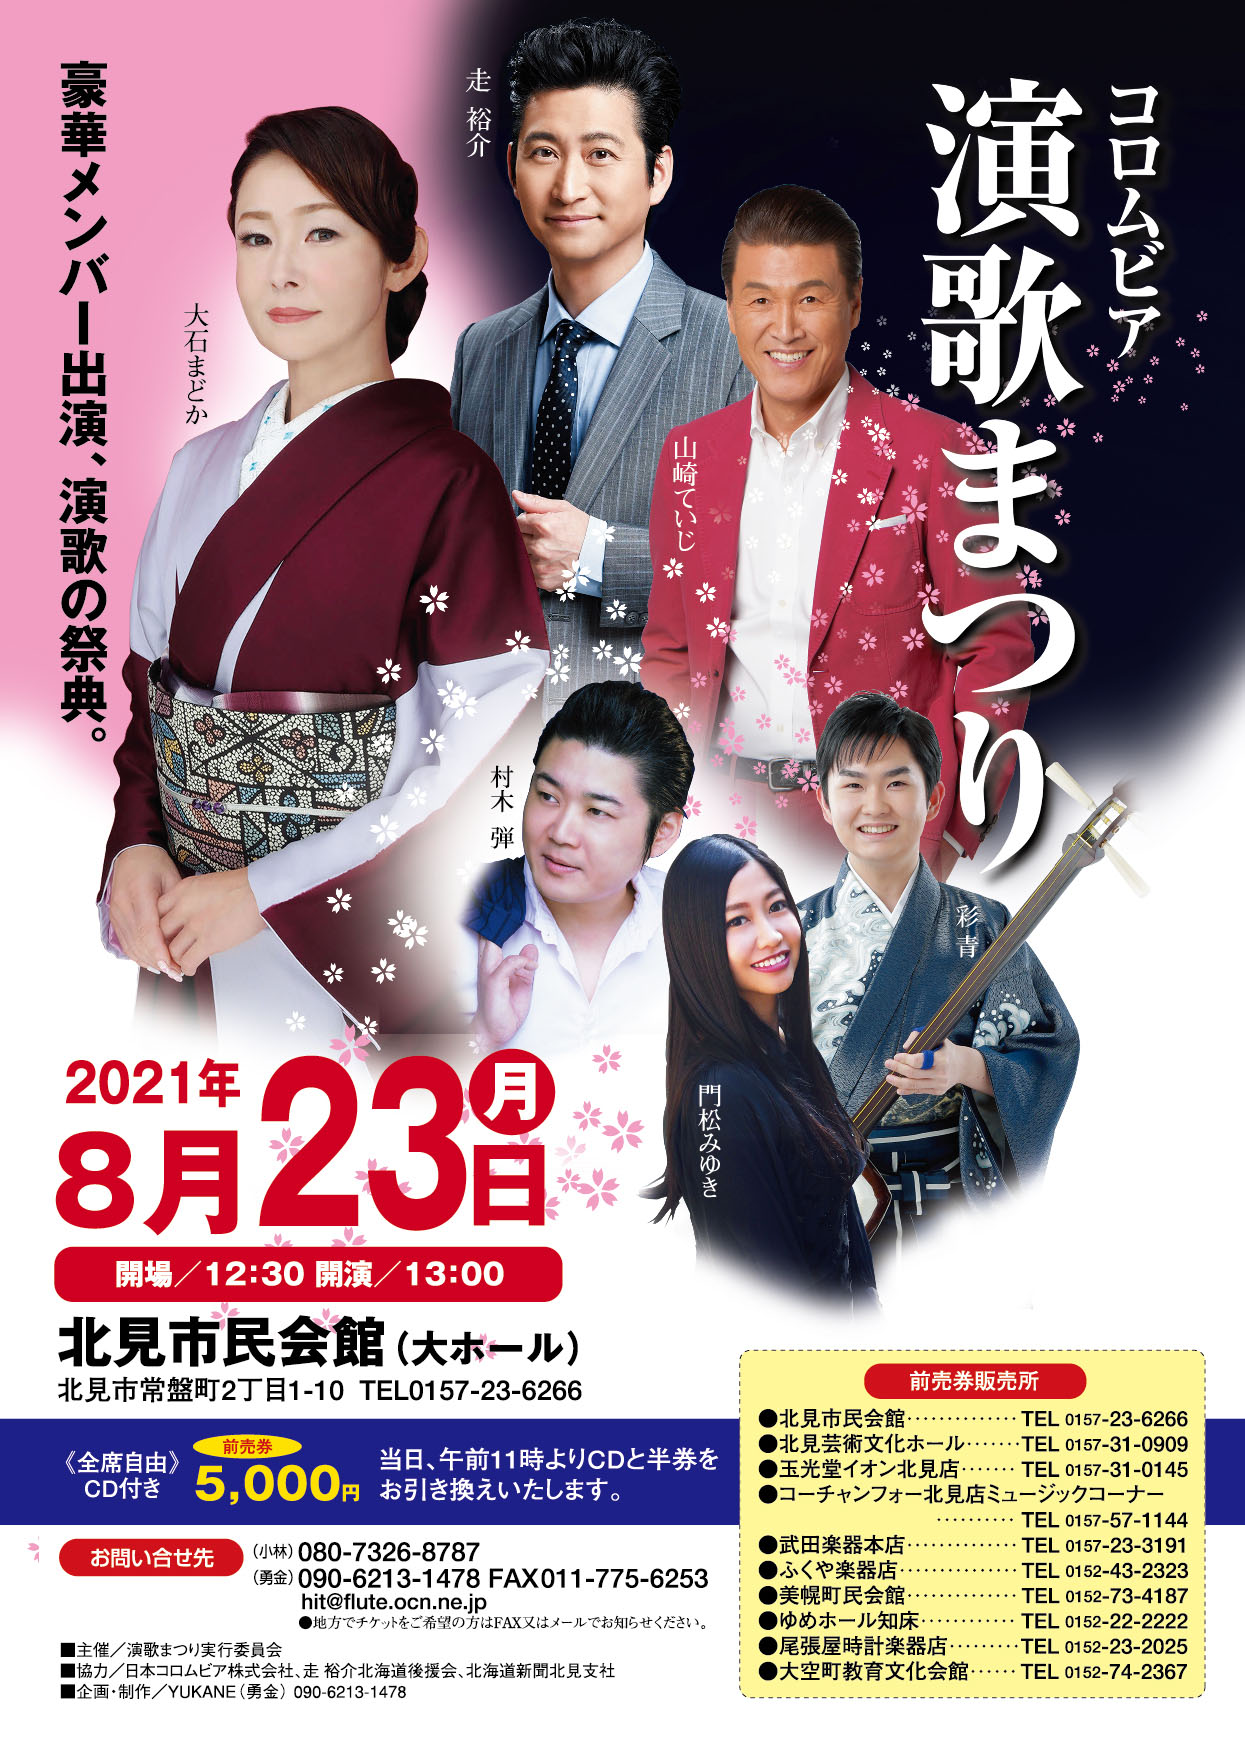 コロムビア 演歌祭り2021年8月23日(月)北見公演